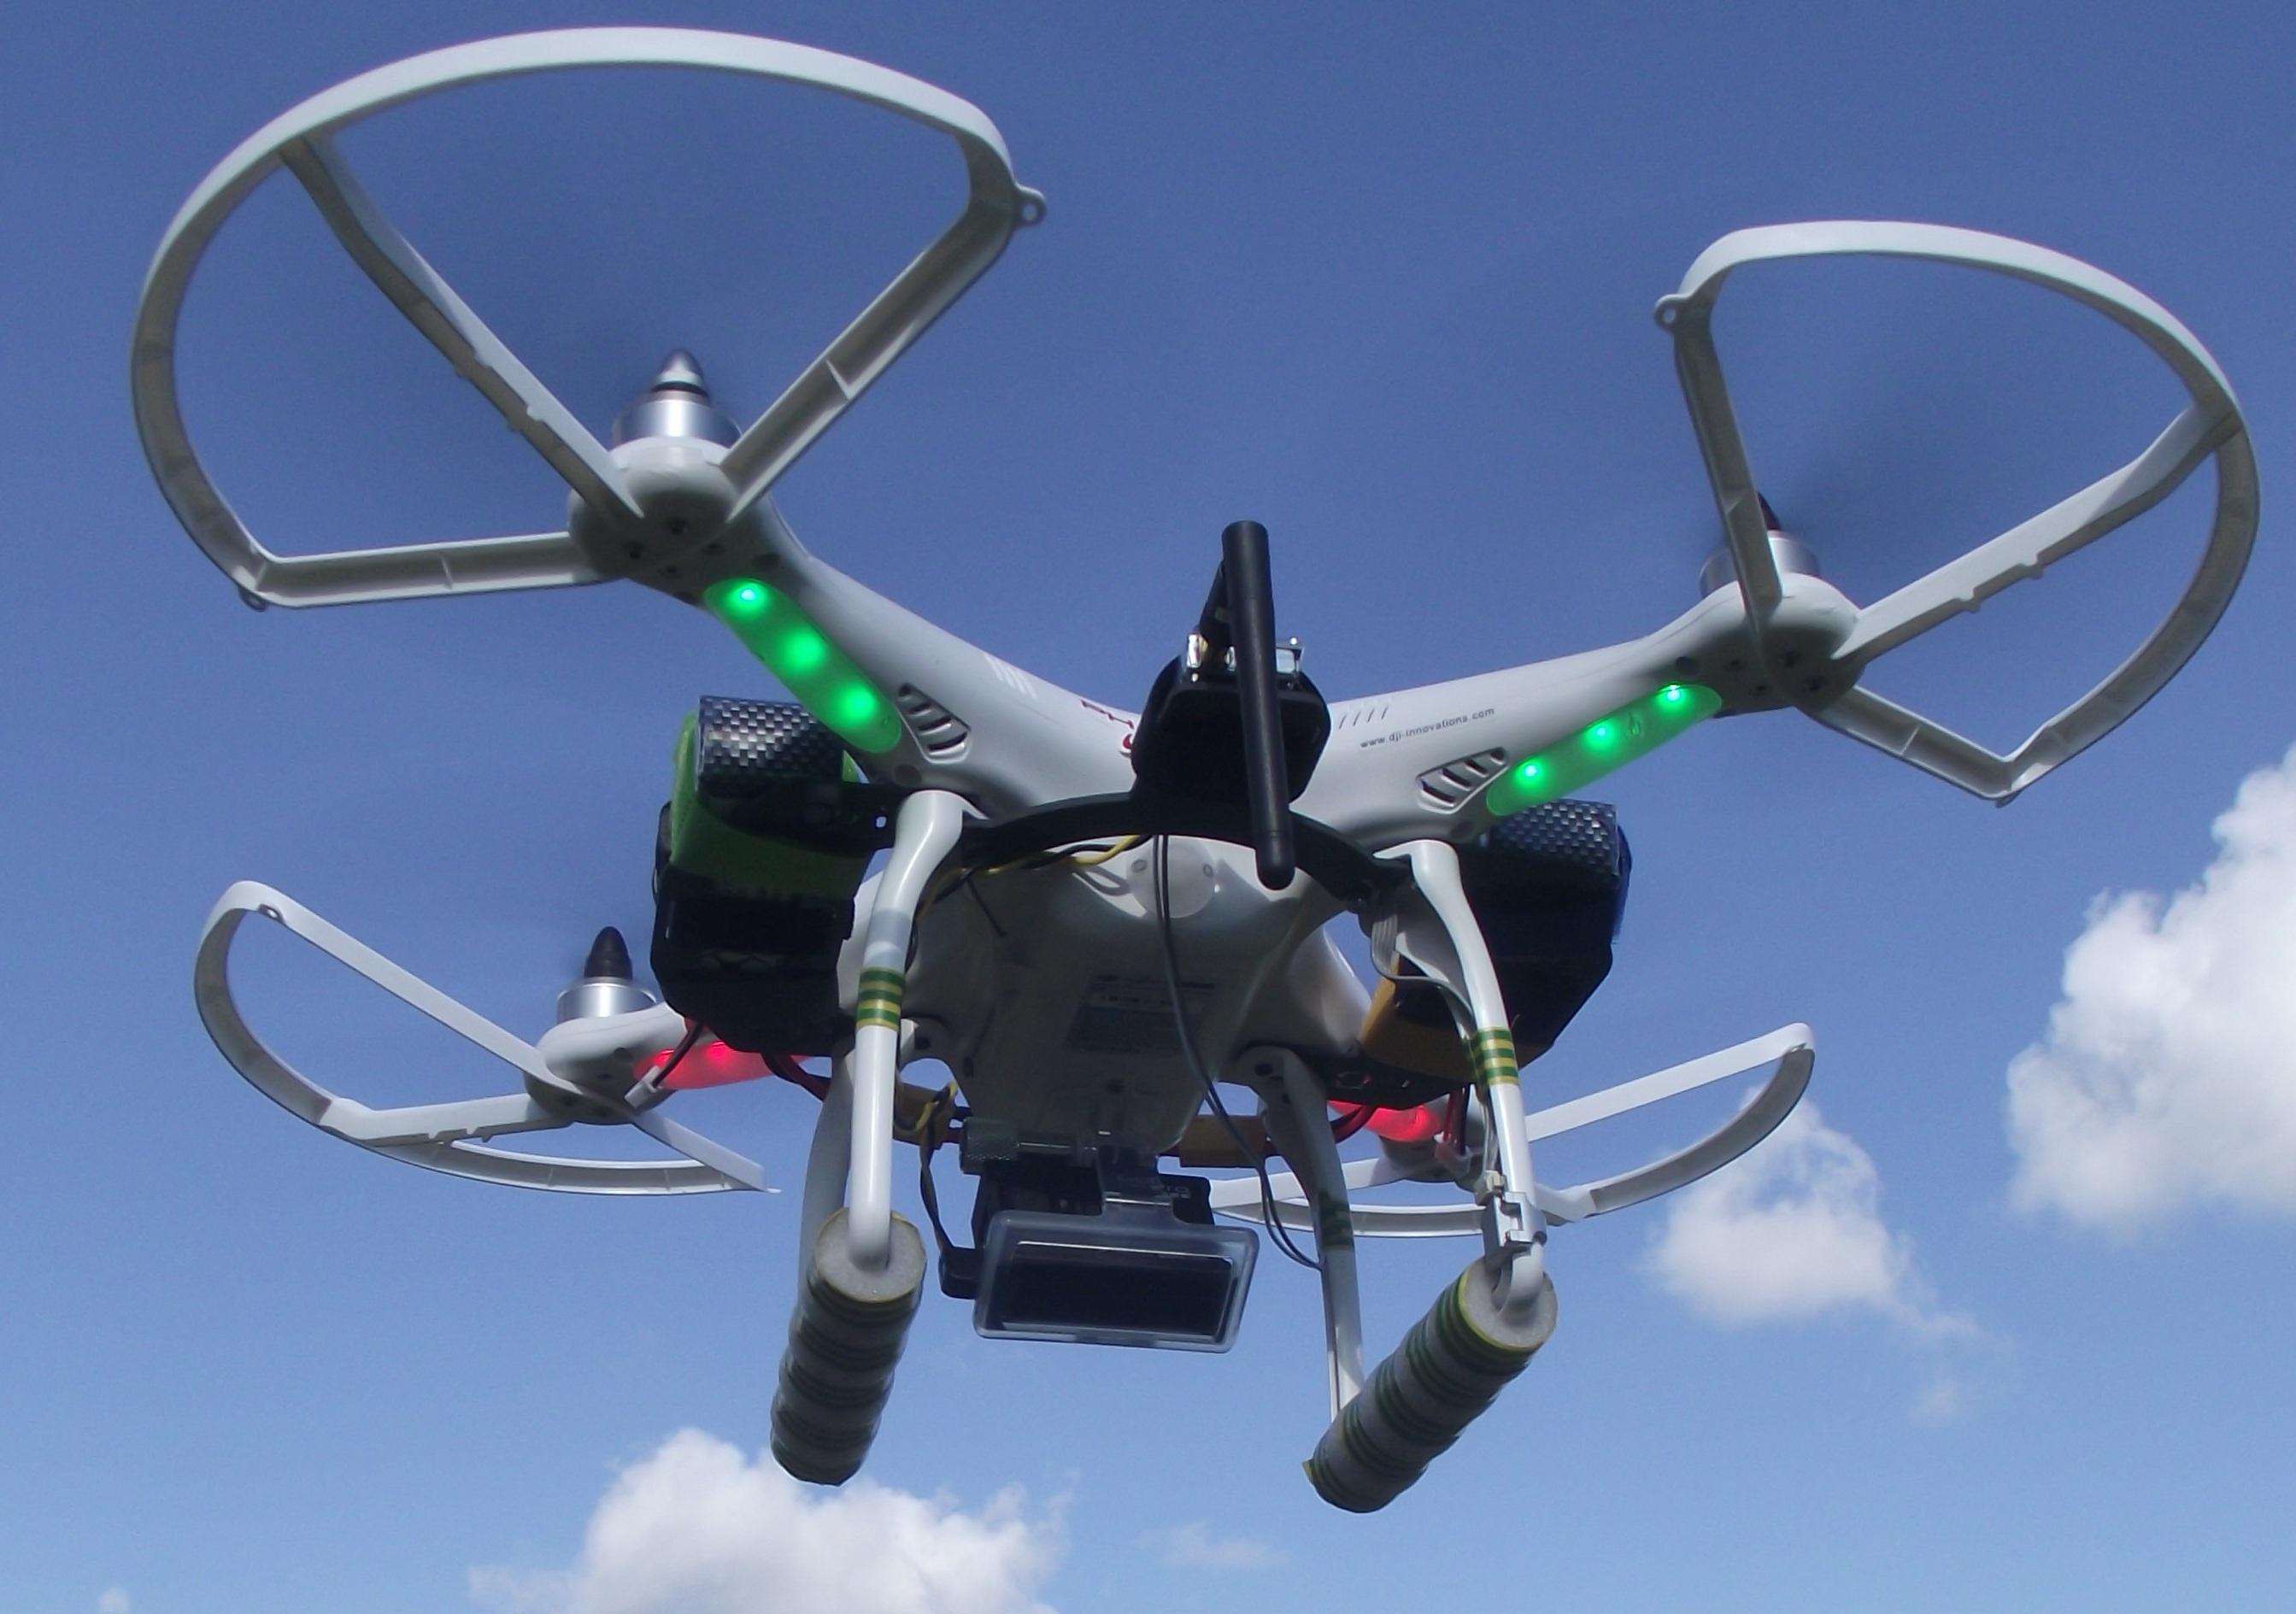 Квадрокоптер_дорогая игрушка или новое слово в любительской видеосъёмке, доставке, спорте - квадрокоптер в полёте